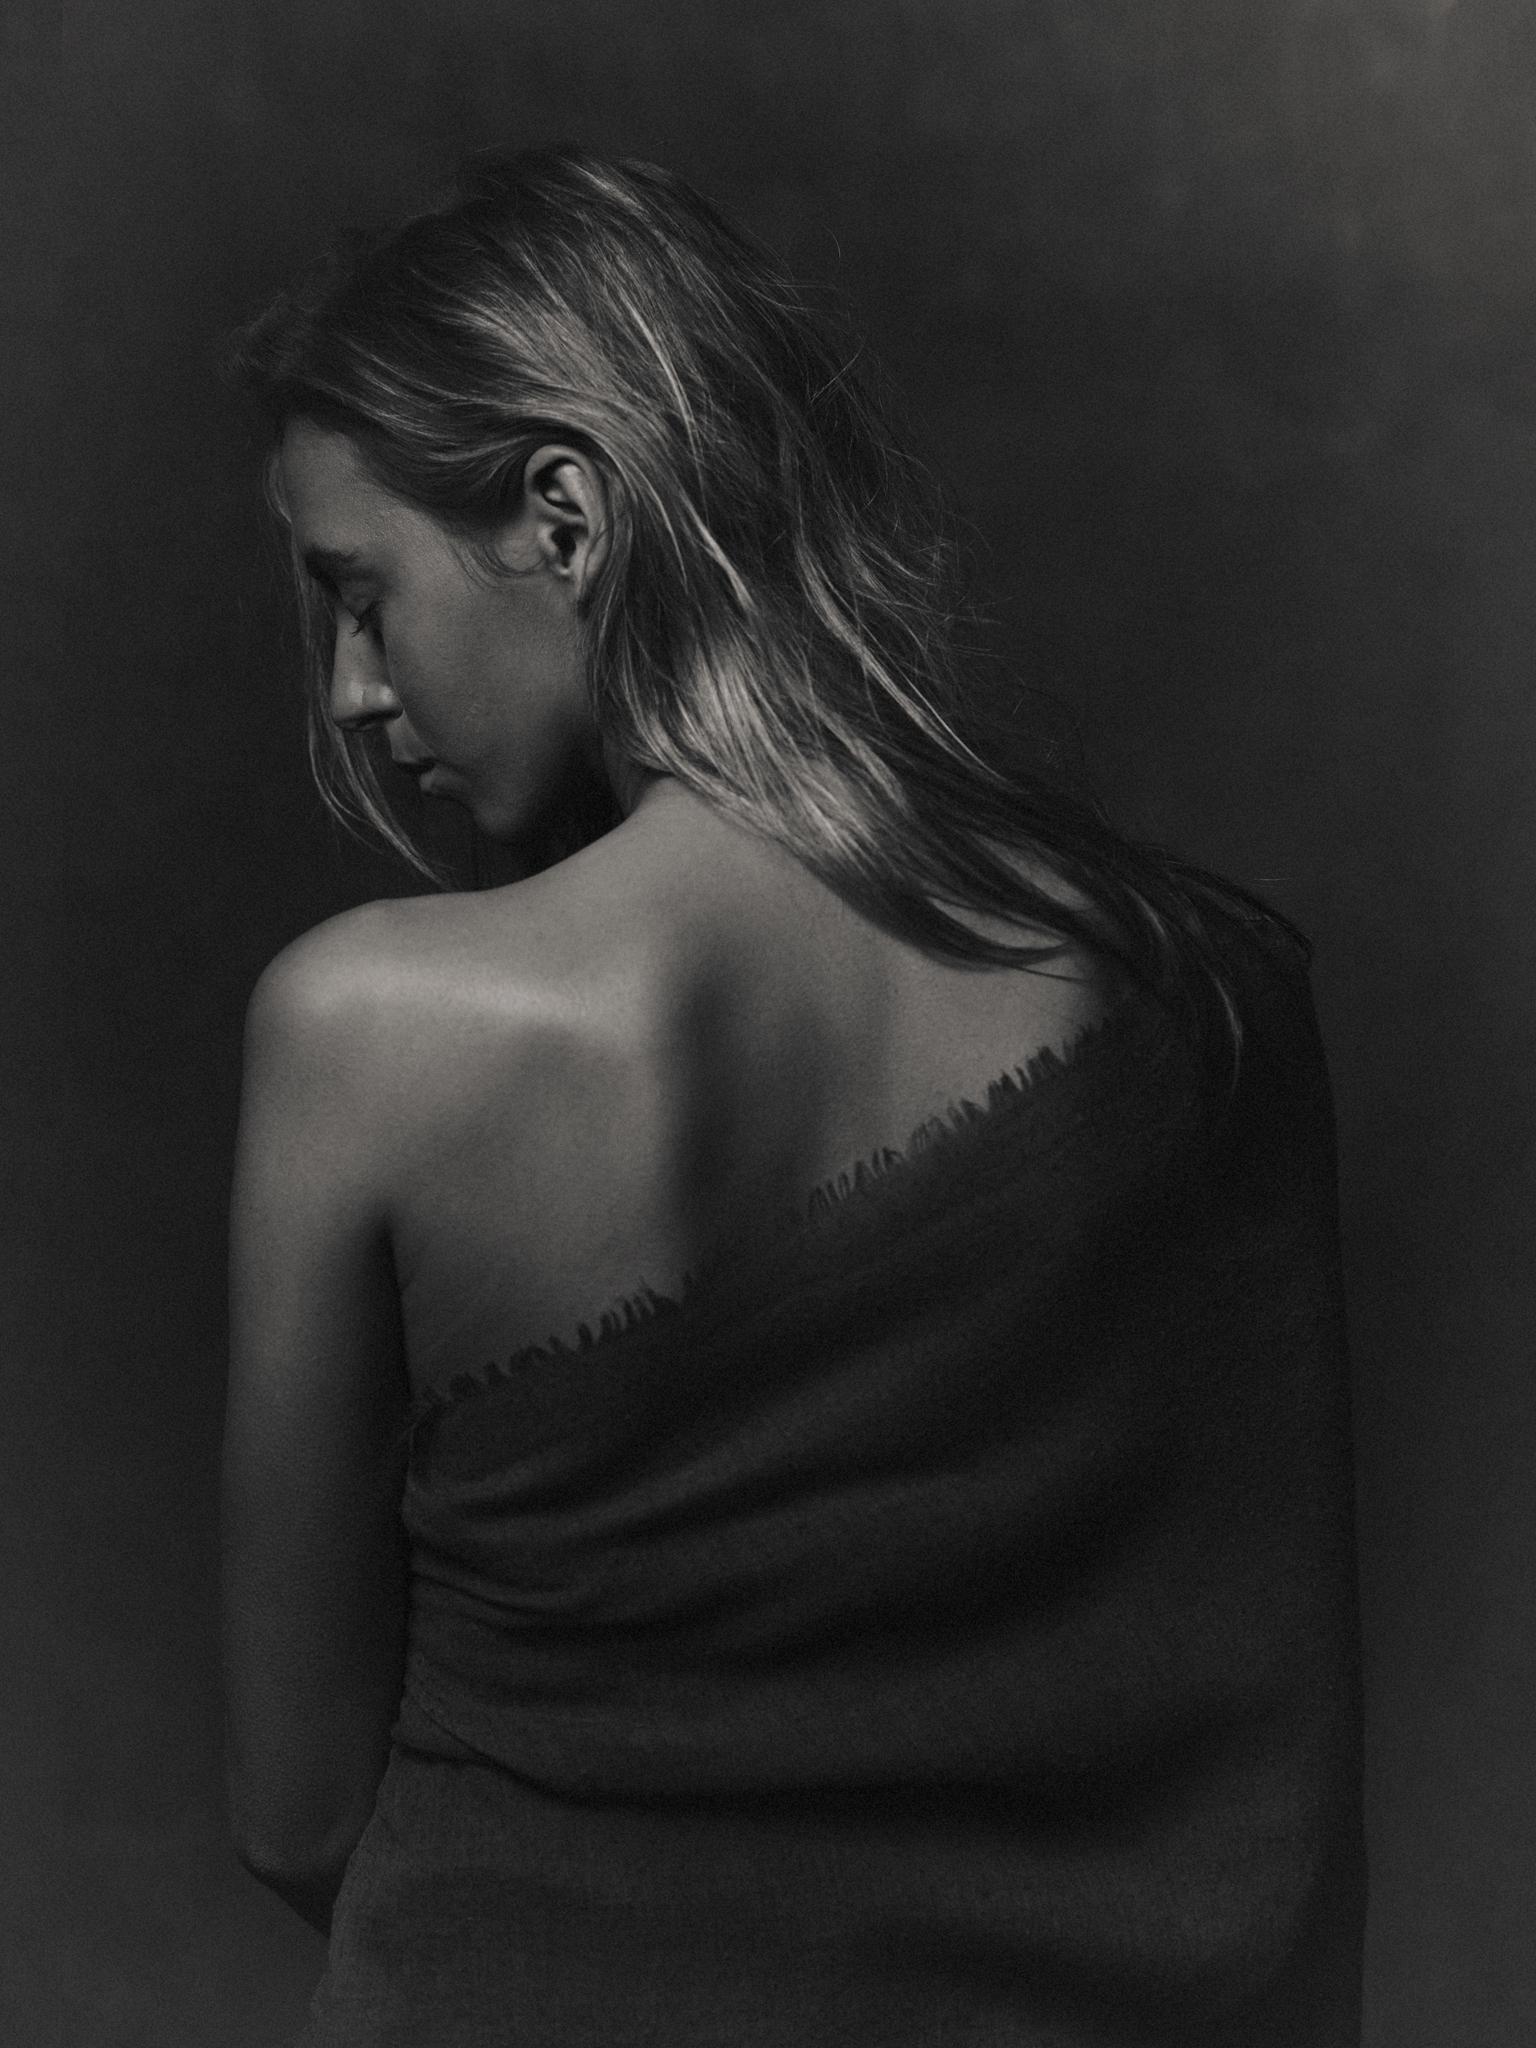 C H A R L O T T E - * - foto door Marcel-Mellema op 12-04-2021 - deze foto bevat: emotie, donker, vrouw, doek, schouder, haar, zwartwit, monochrome, haar, hoofd, lip, arm, schouder, oog, wimper, flitsfotografie, menselijk lichaam, nek